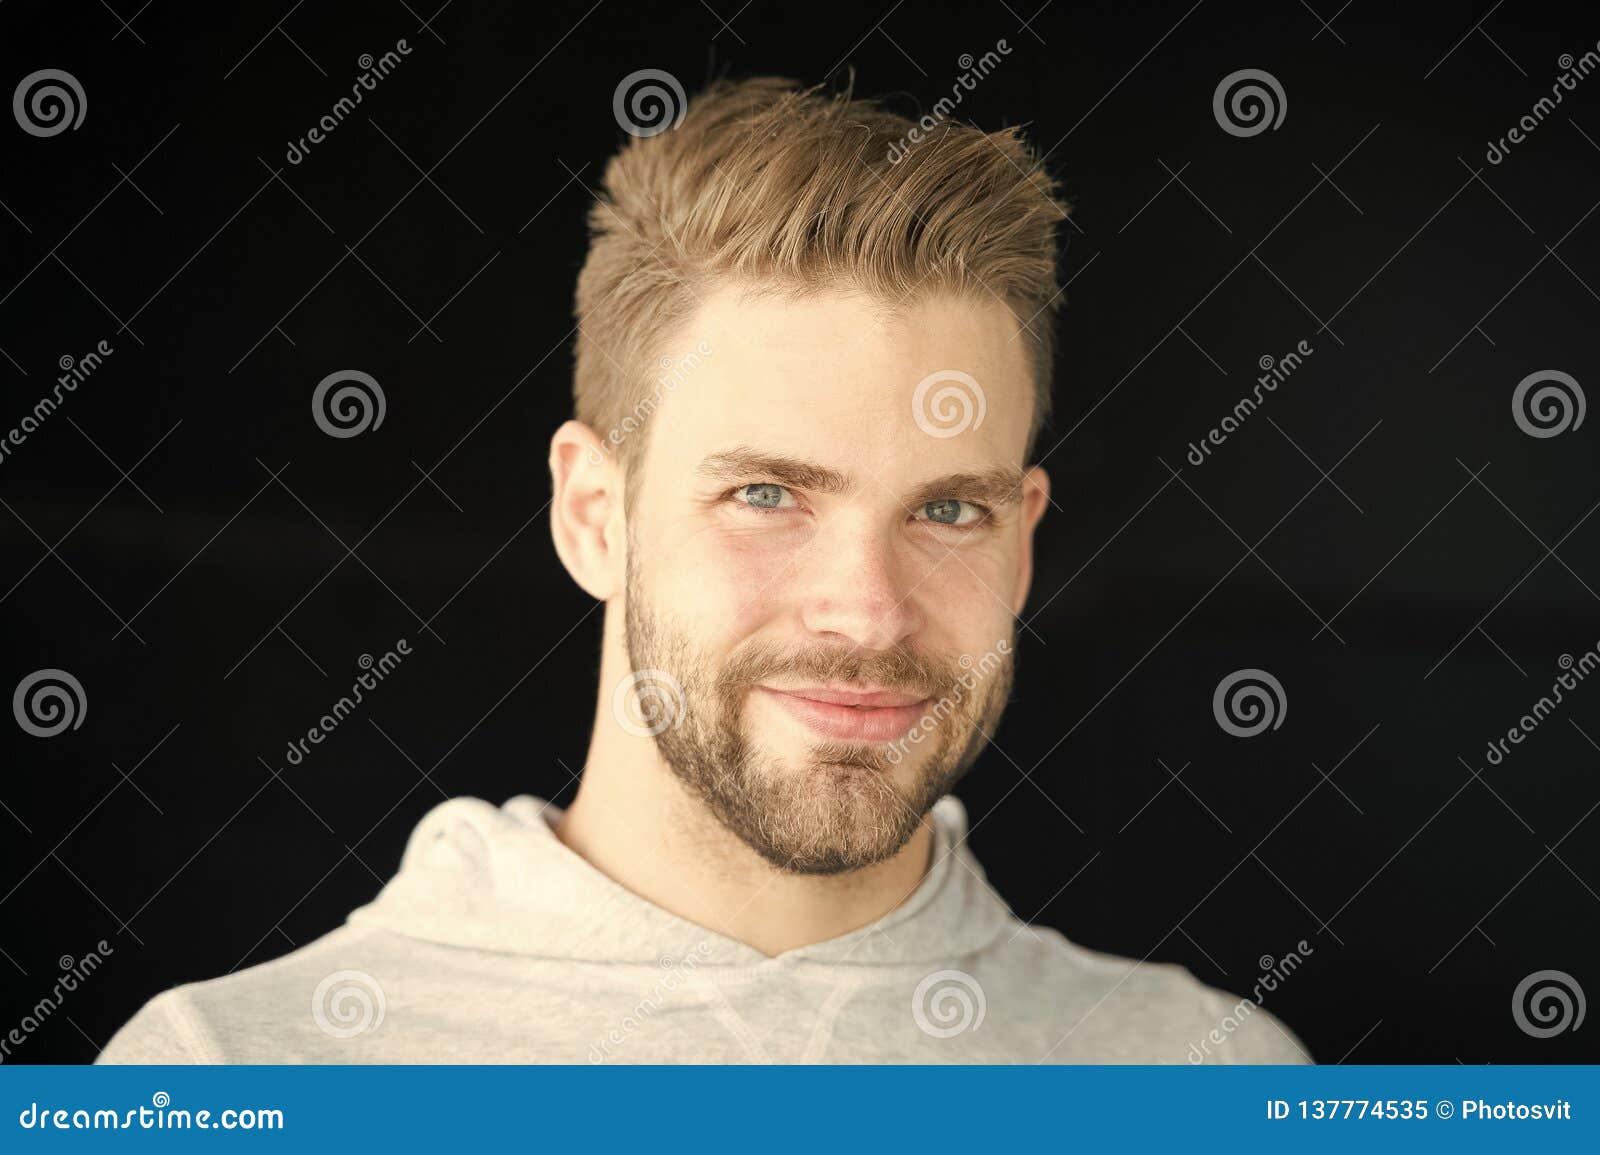 Coiffures pour hommes et type de poils sur le visage